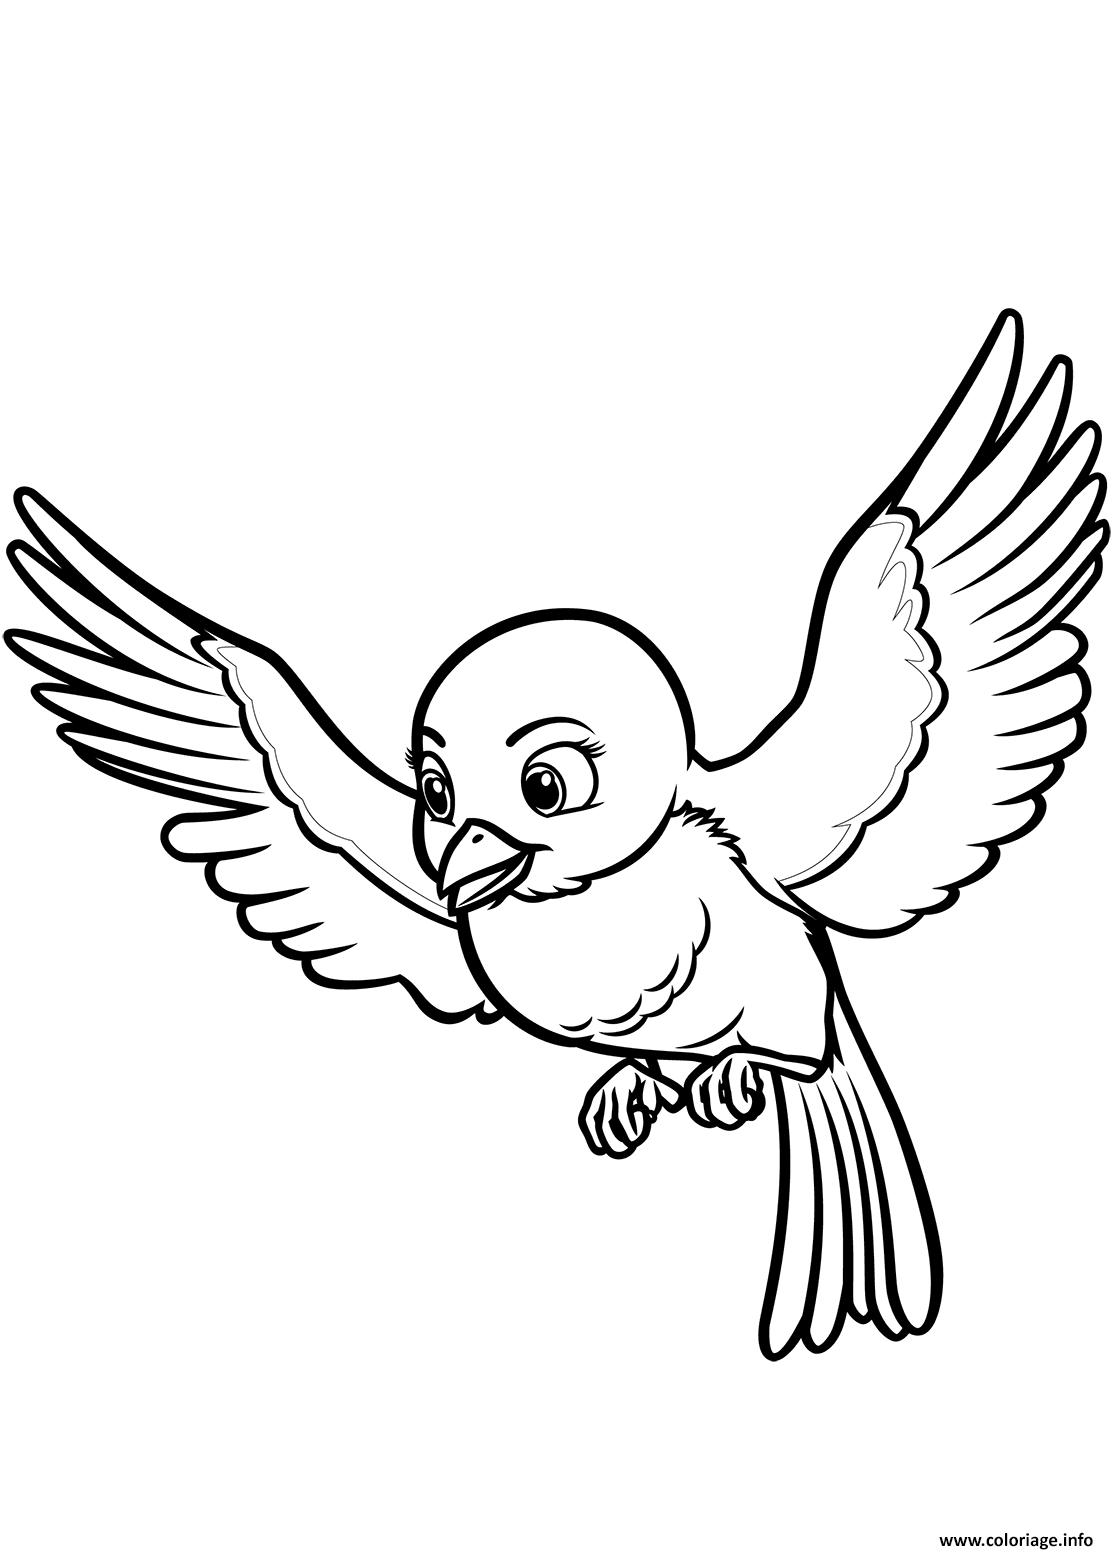 Coloriage mia le oiseau de princesse sofia disney dessin - Dessin d oiseau a imprimer ...